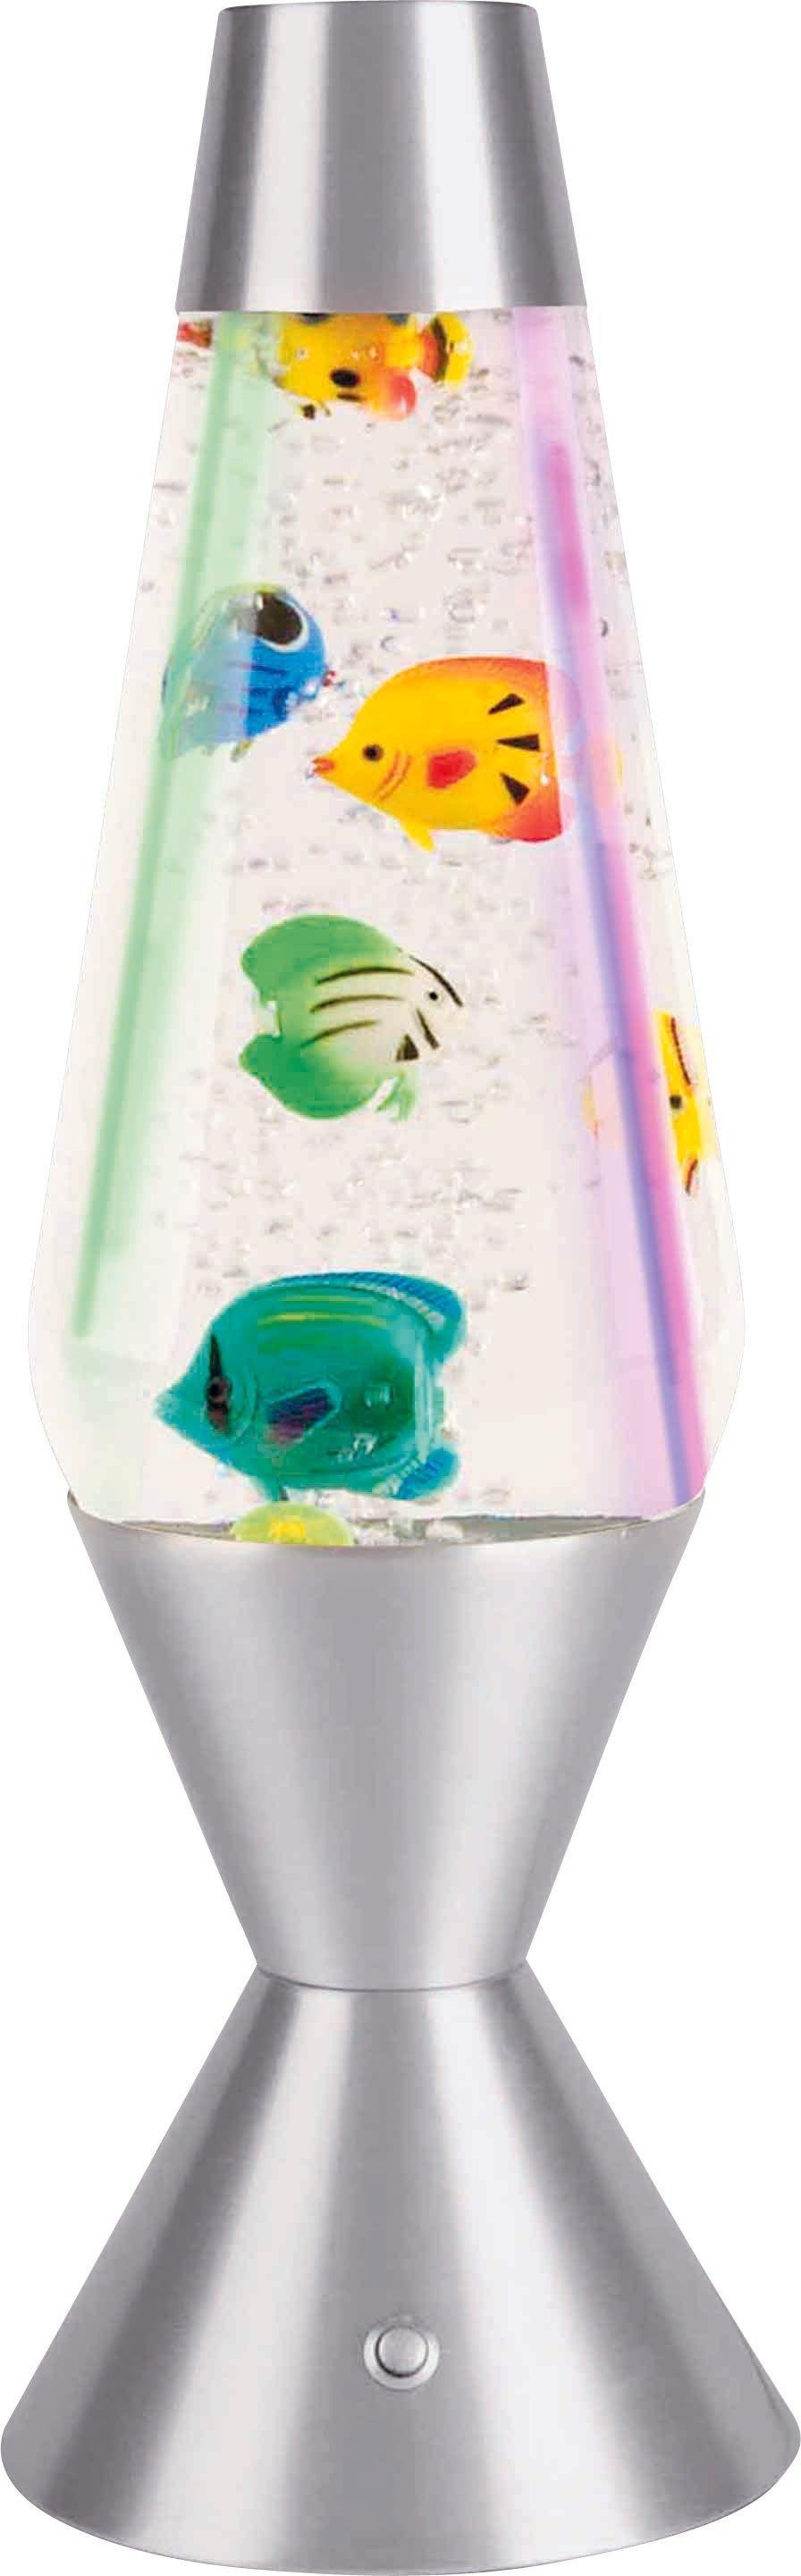 Lava Colour Changing Aquarium Fish Lamp